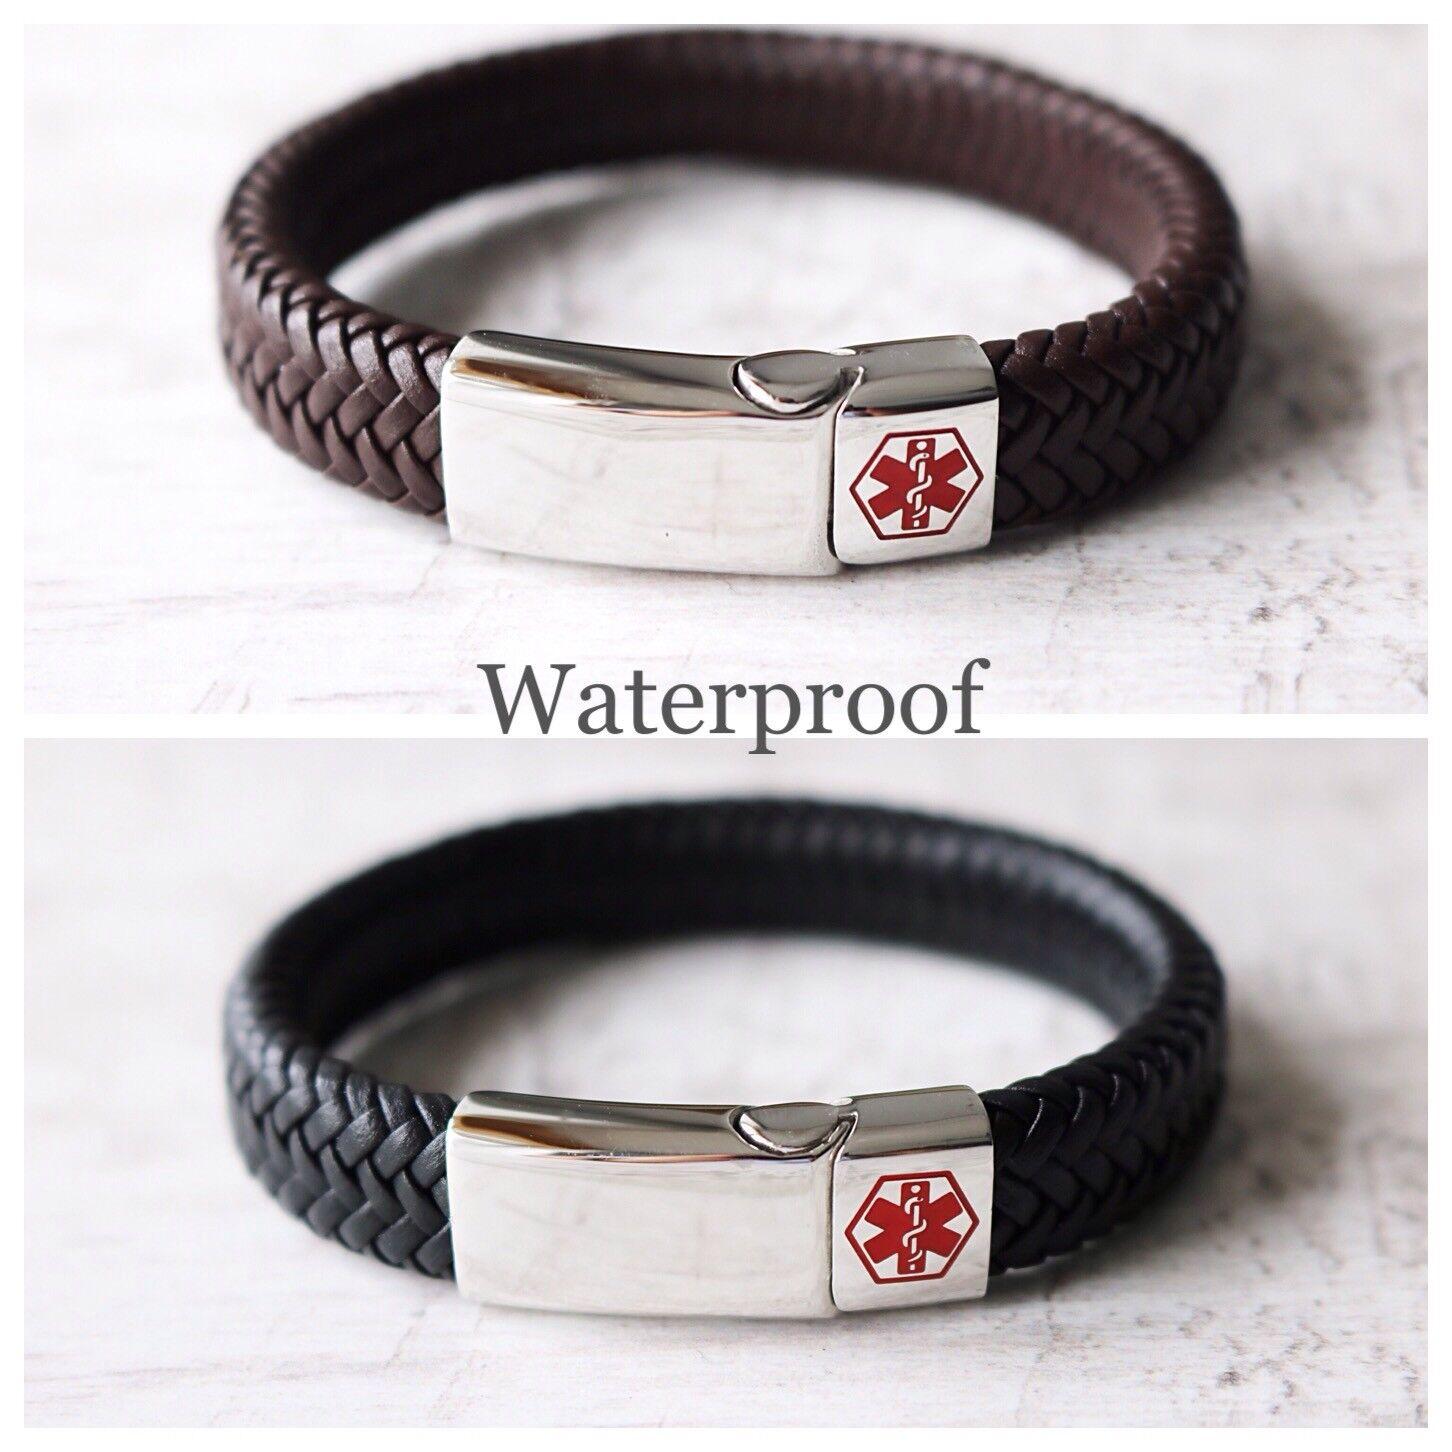 Medical Alert Bracelets >> Details About Medical Alert Bracelet Medical Id Bracelet Waterproof Medical Bracelet